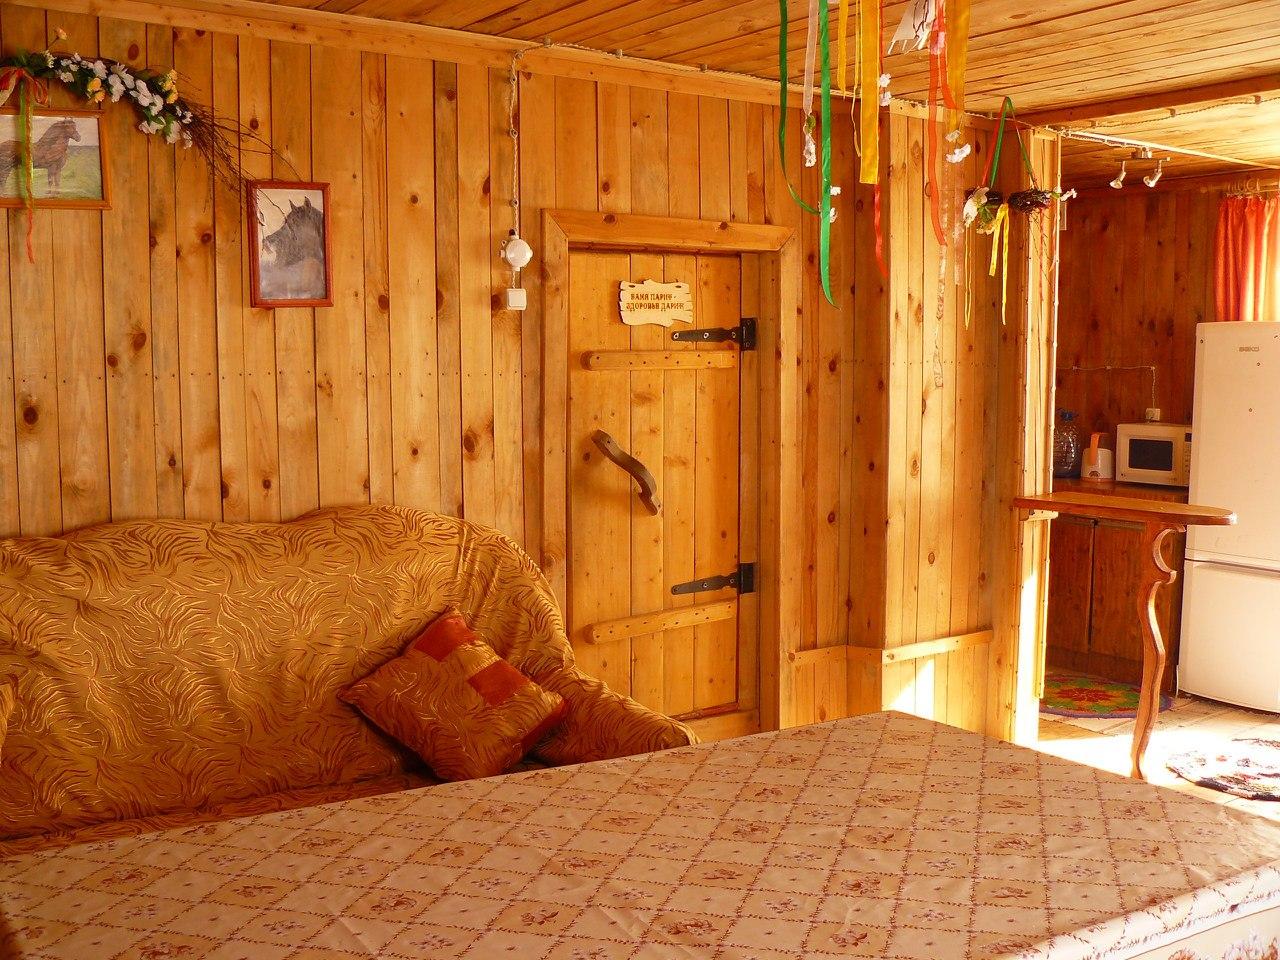 Вы просматриваете изображения у материала: Светлое - конно-спортивный клуб, база отдыха, район г. Воткинска